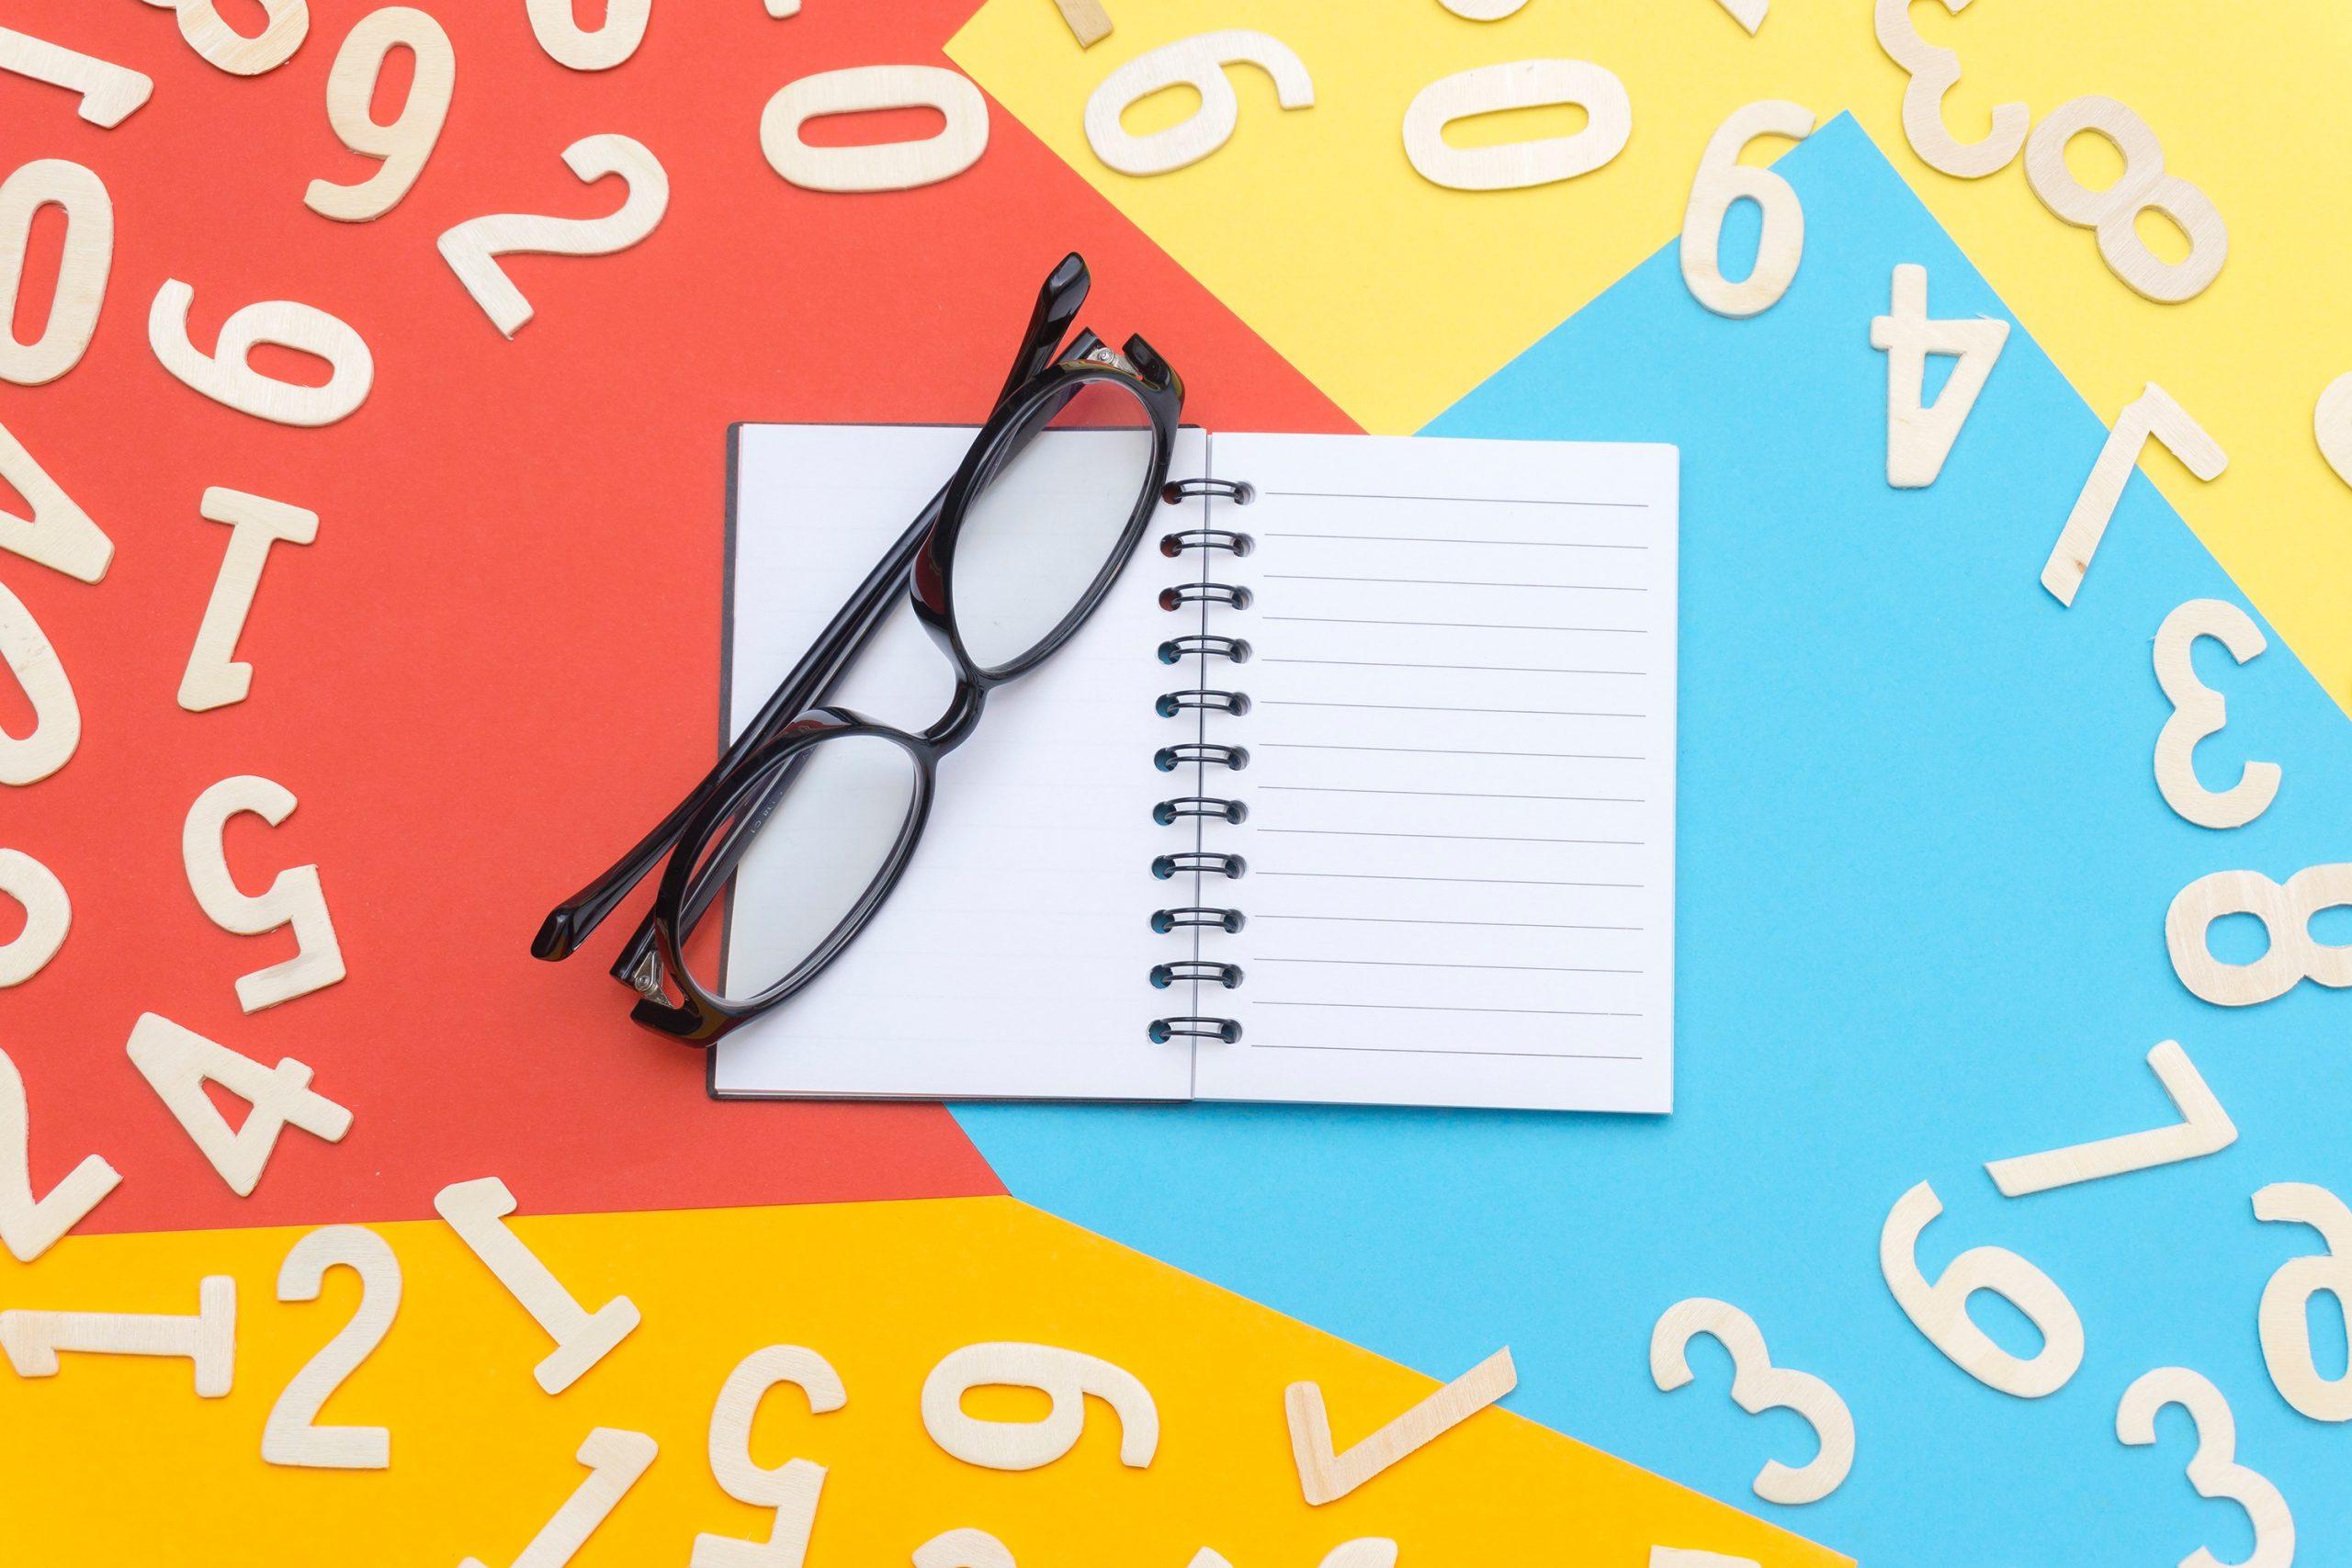 eyeglasses-with-black-frames